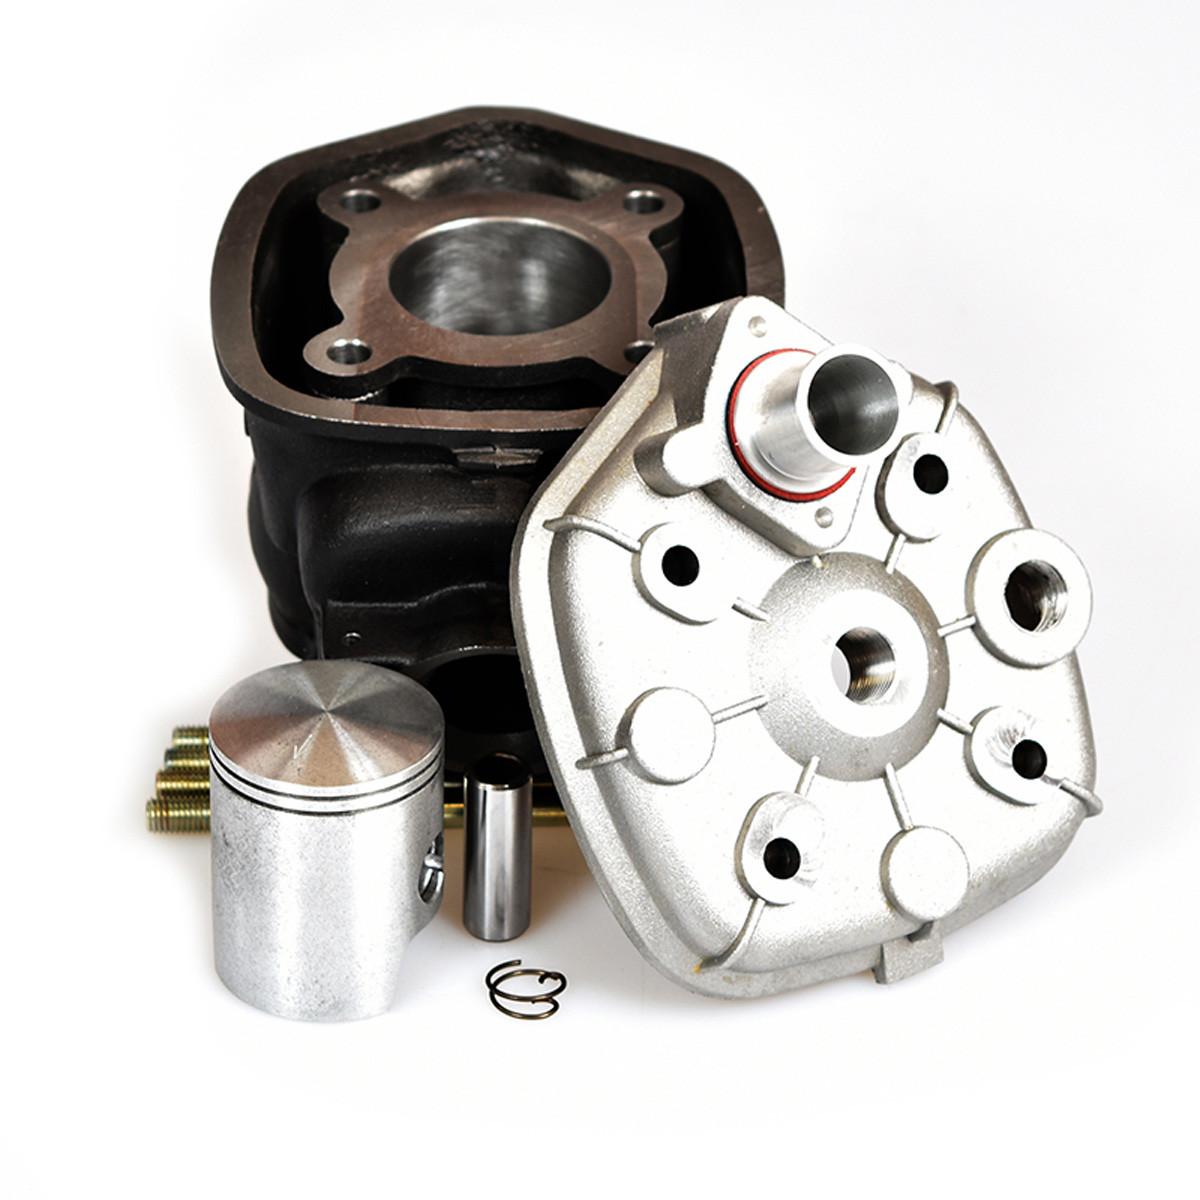 Kit Haut Moteur 50cc DERBI E3 - MVT IRON MAX Fonte Culasse Grise ou Jaune